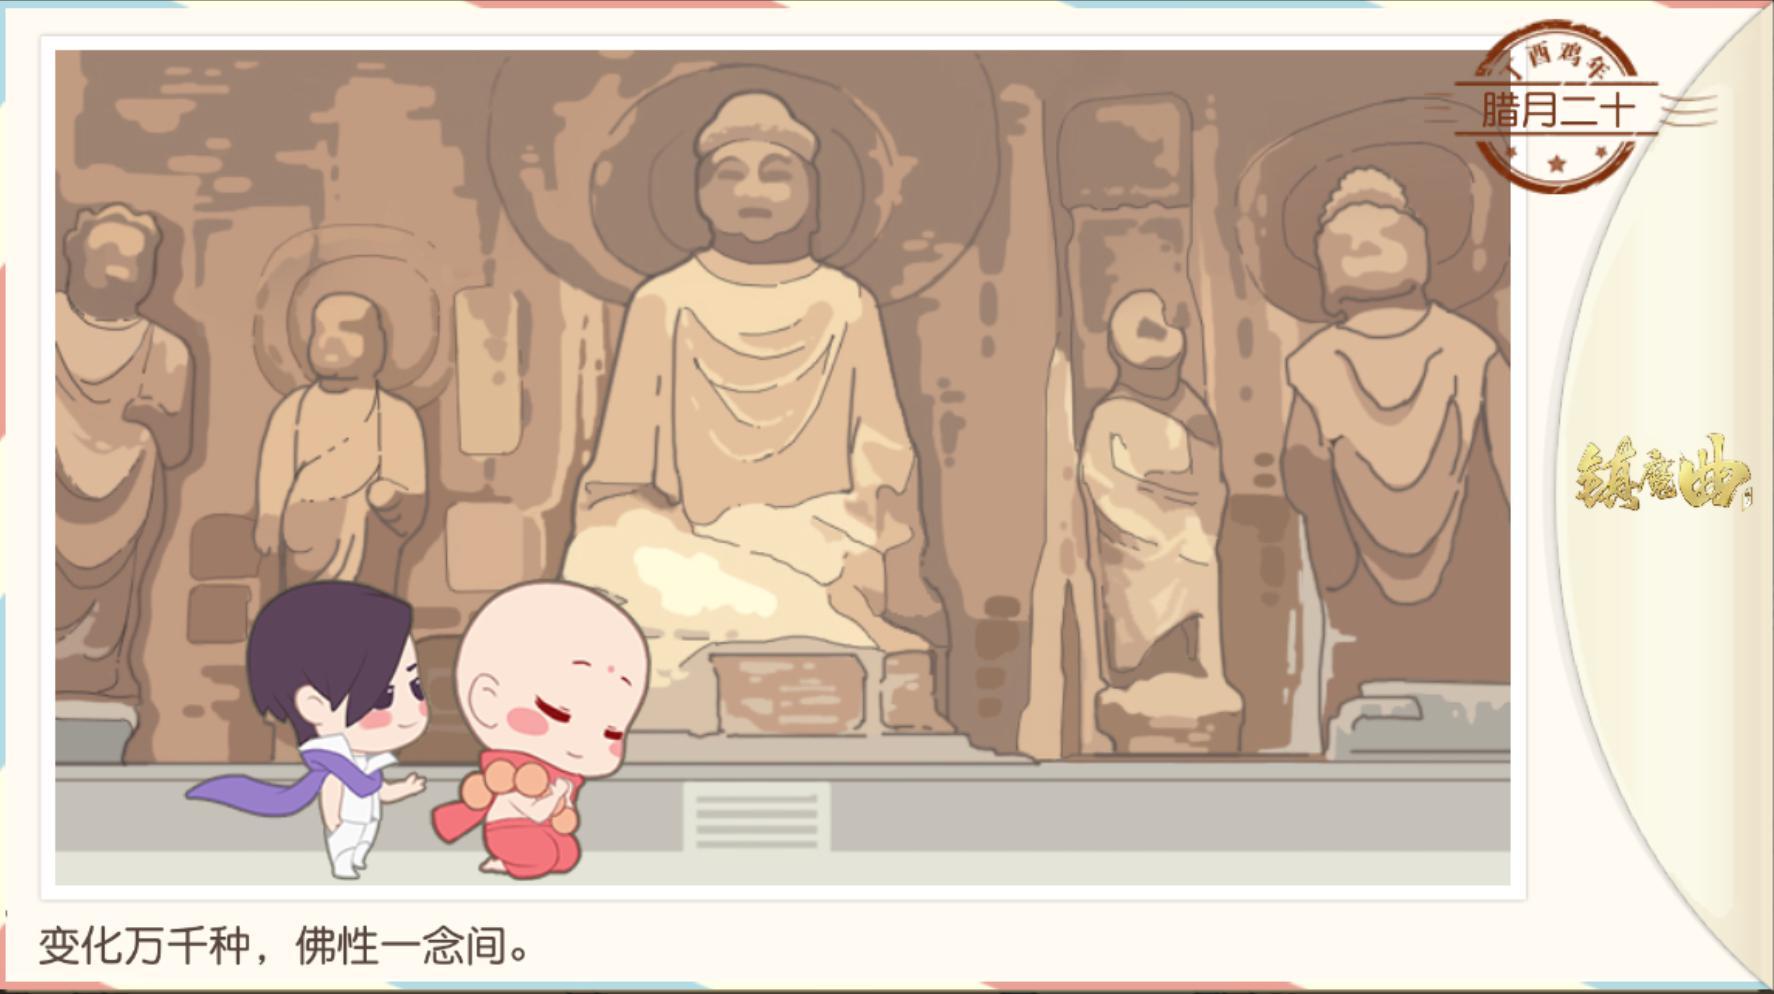 春节长假爽歪歪 旅行娃娃走遍千山万水游记曝光!